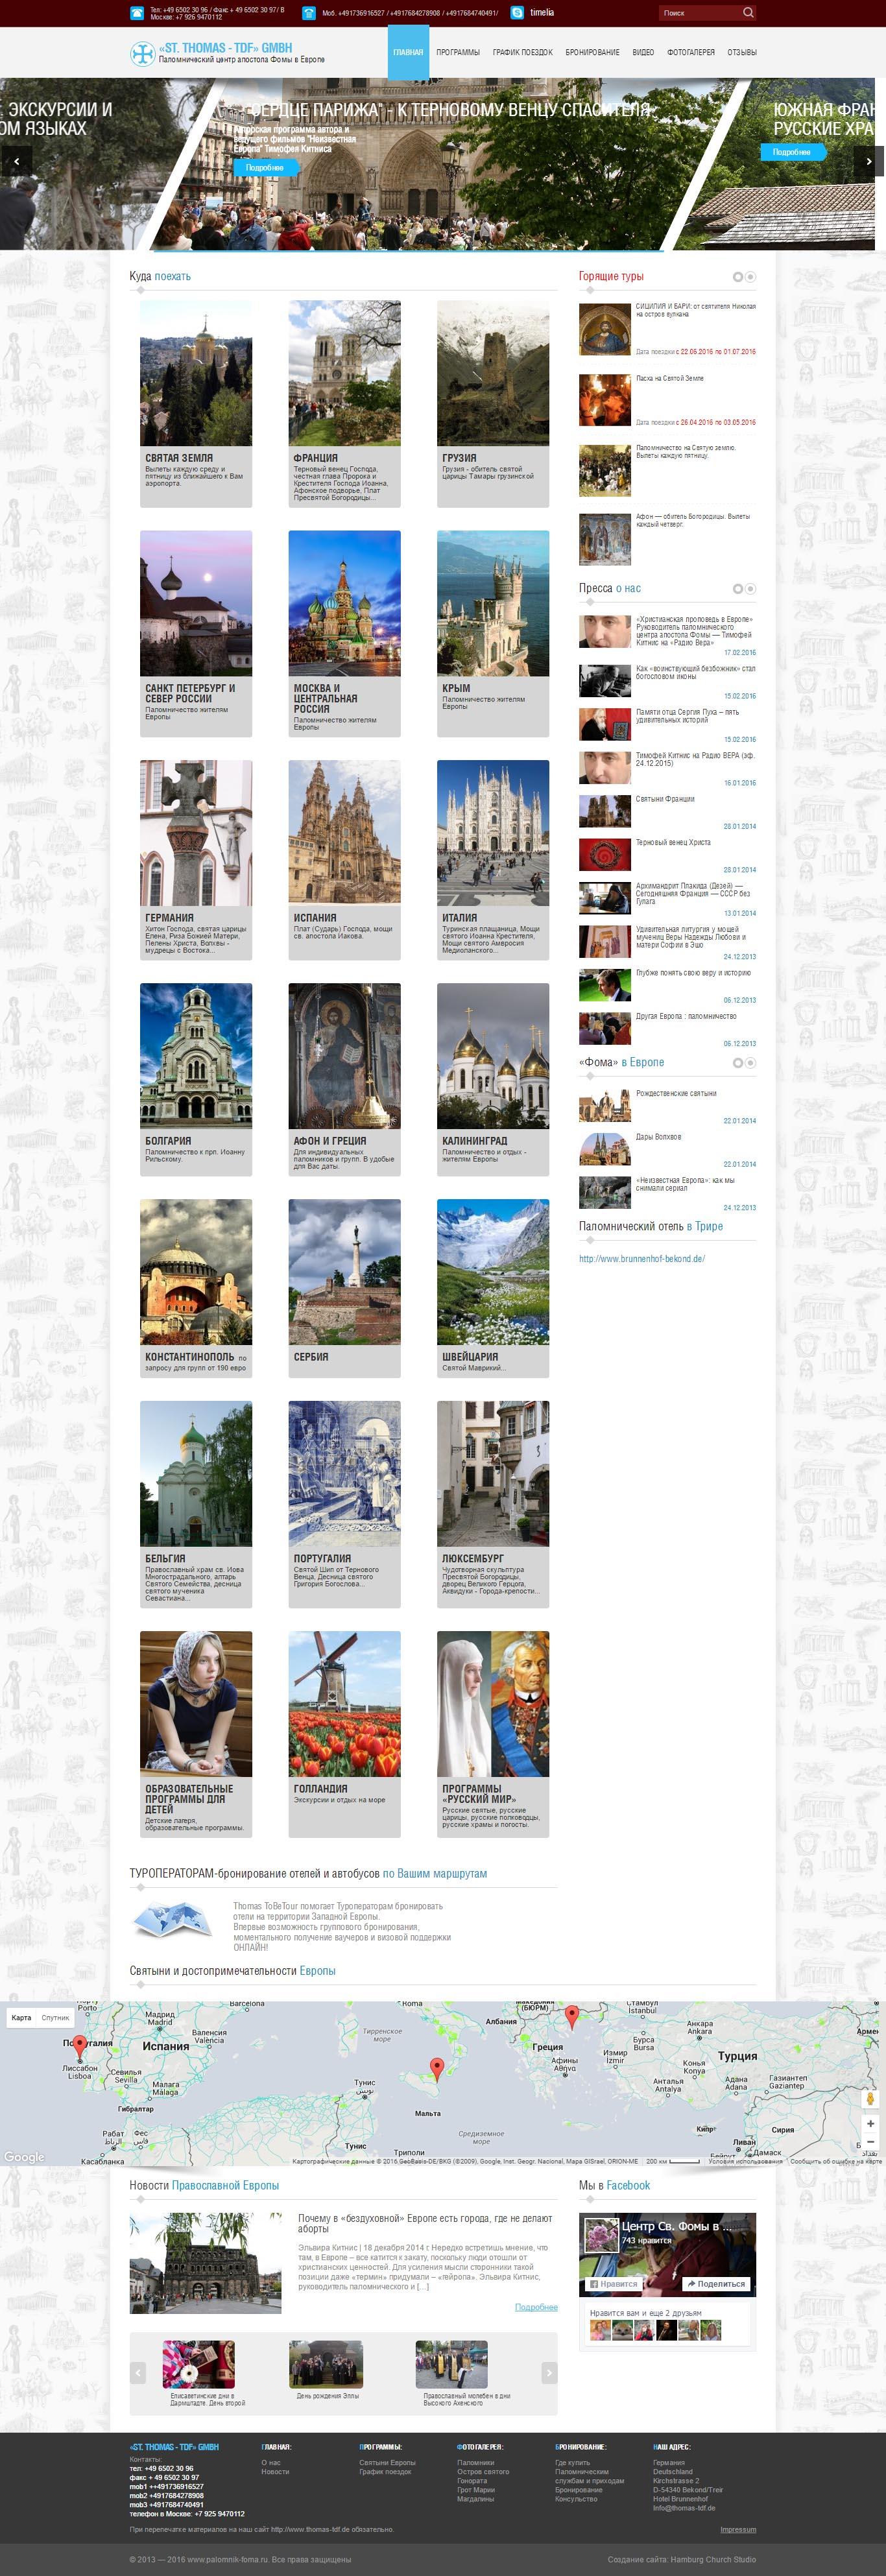 Паломнический центр апостола Фомы в Европе